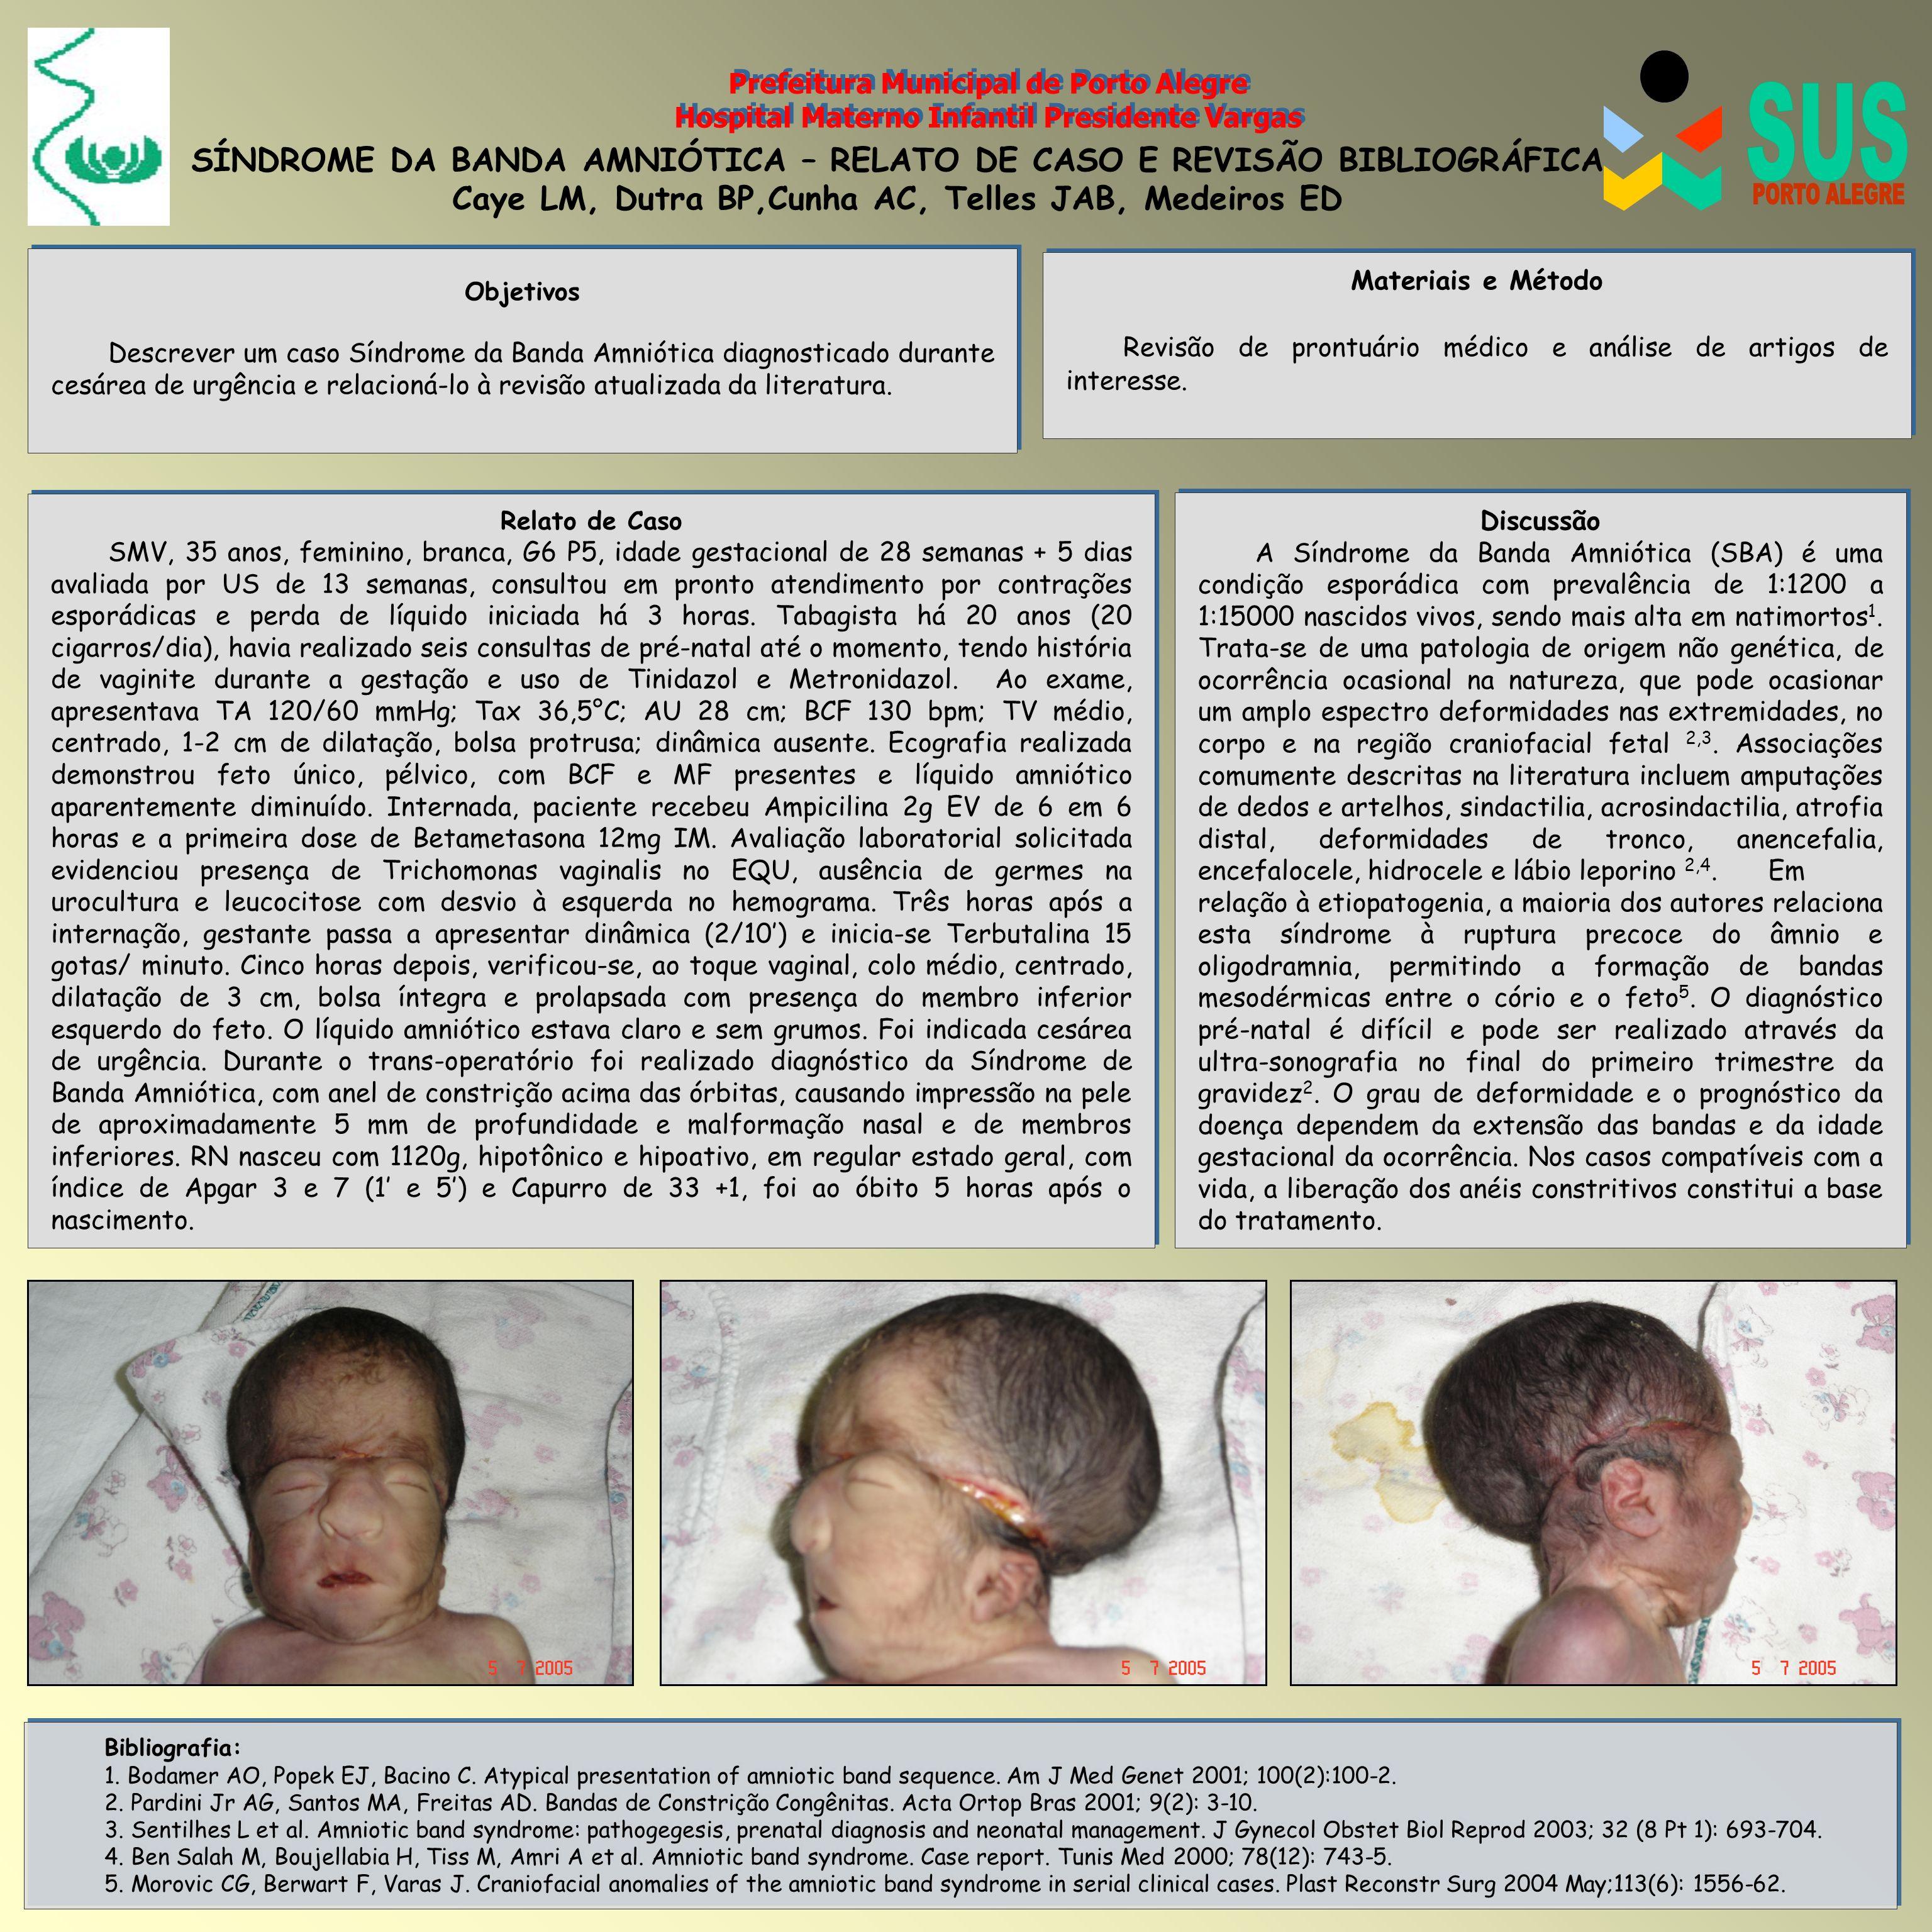 Discussão A Síndrome da Banda Amniótica (SBA) é uma condição esporádica com prevalência de 1:1200 a 1:15000 nascidos vivos, sendo mais alta em natimor